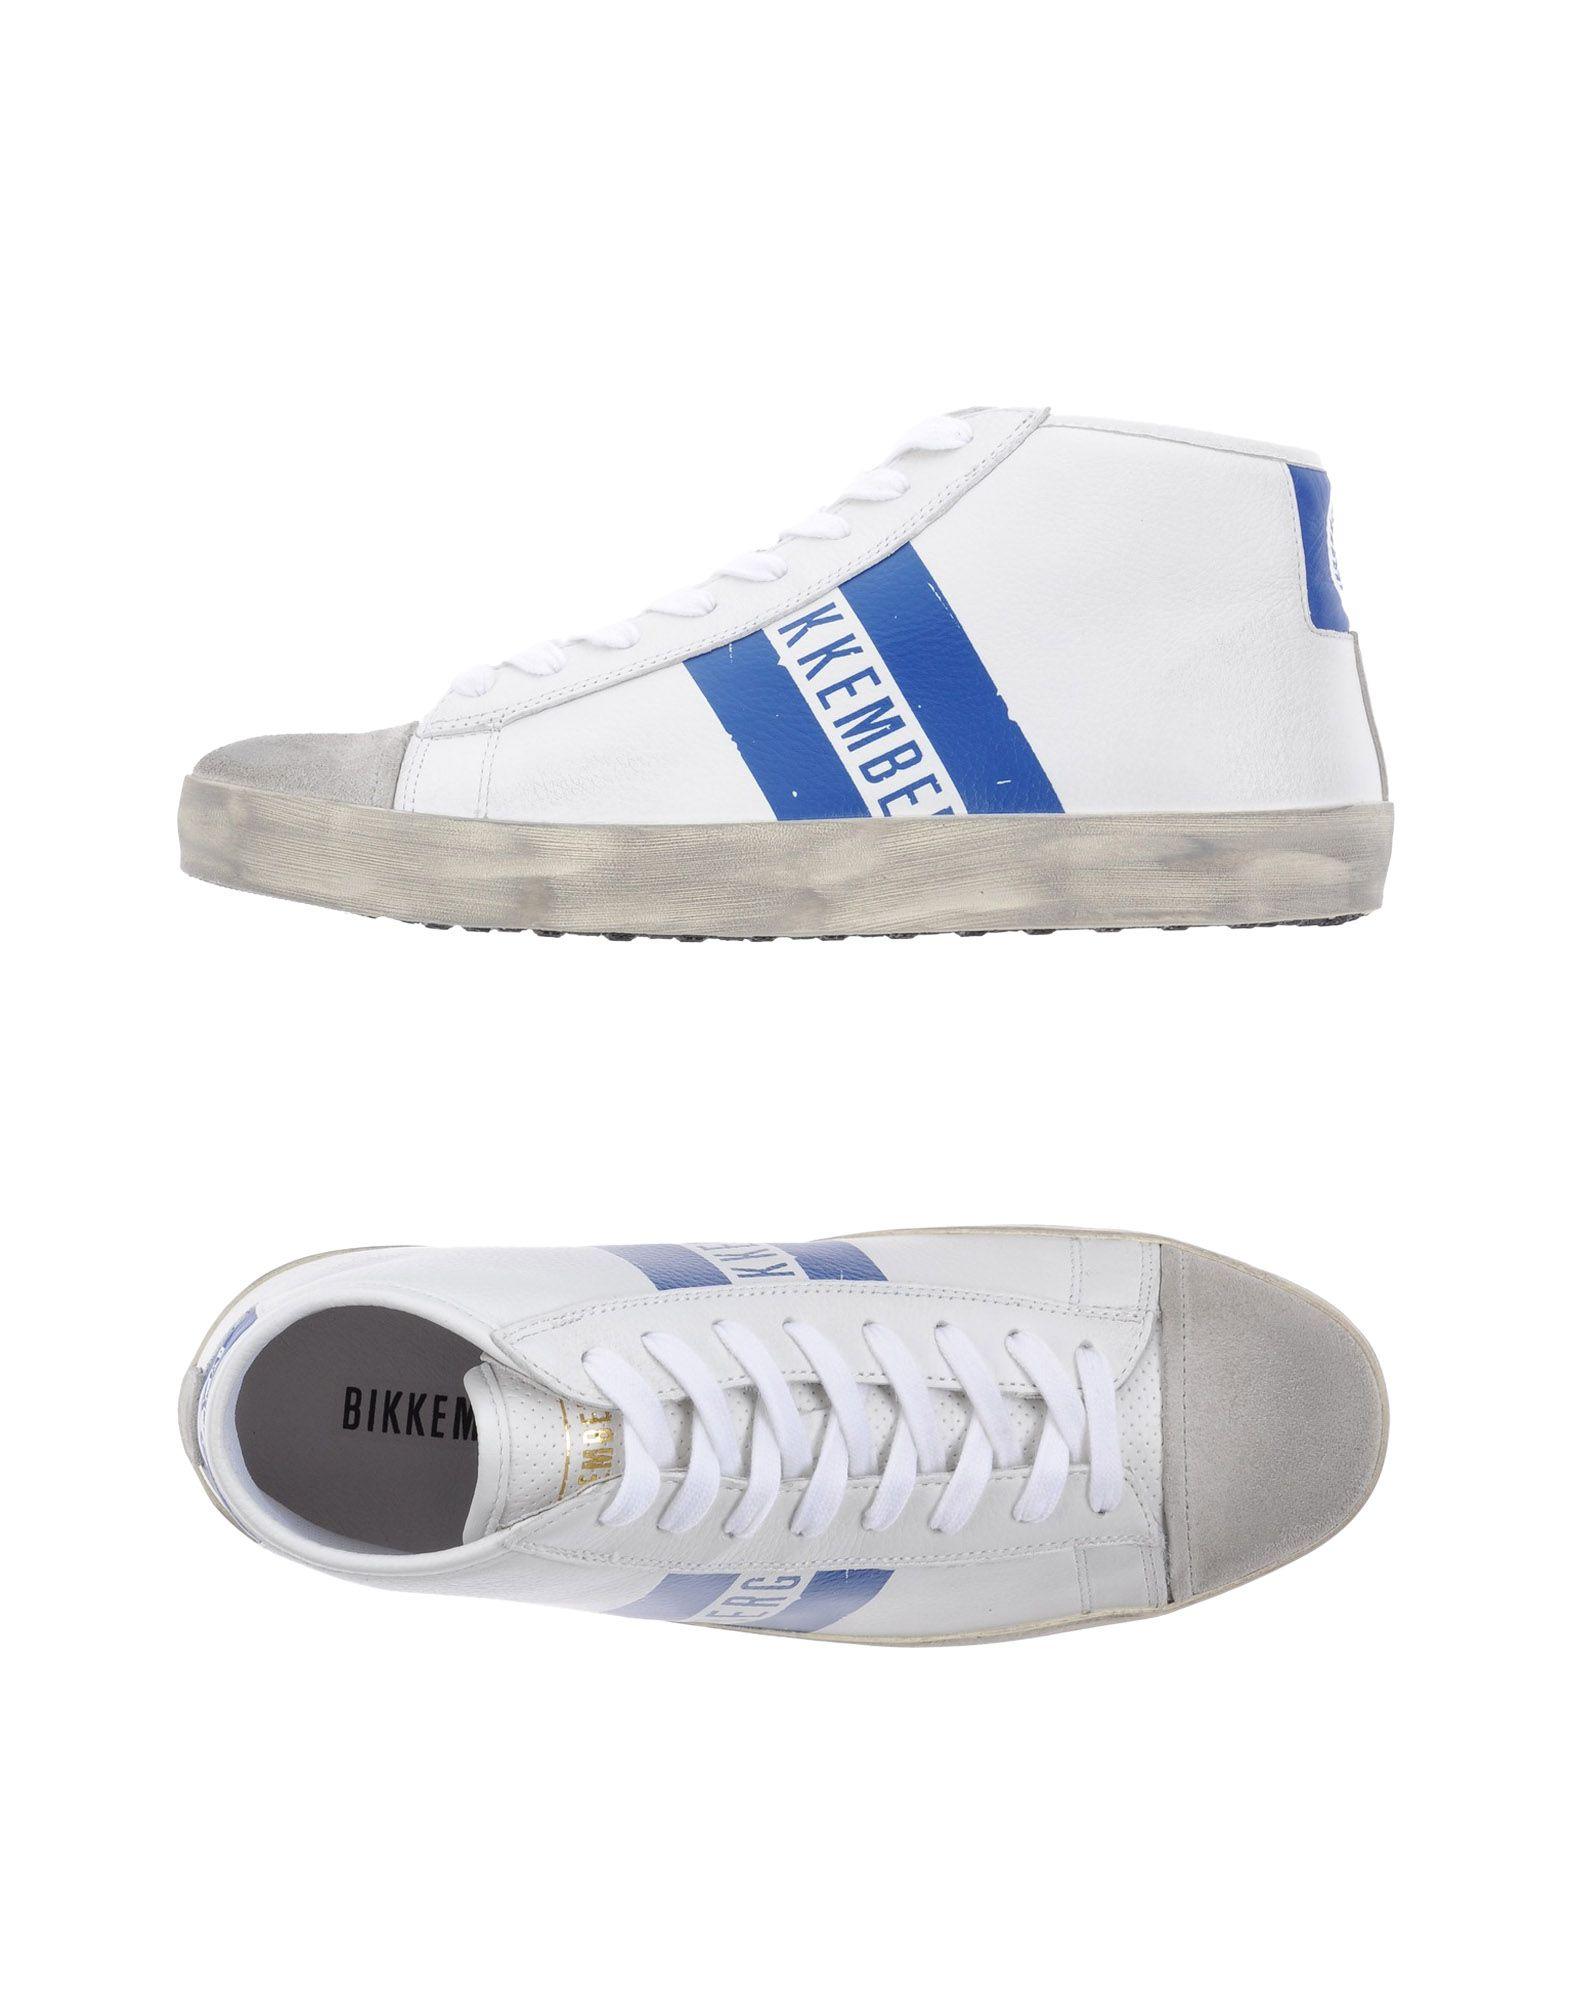 Moda Sneakers Bikkembergs Uomo - 11332087DU